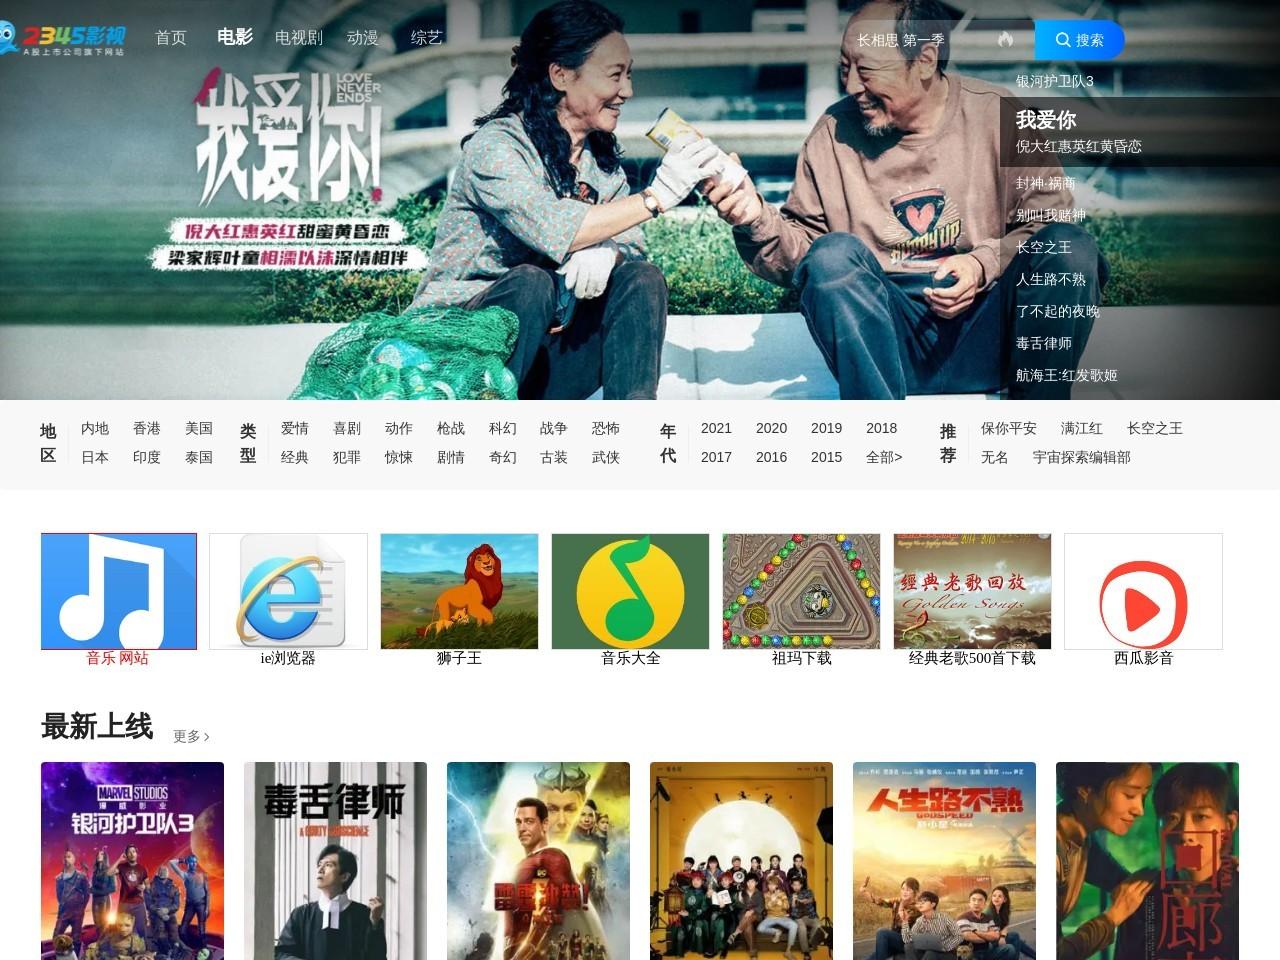 二三四五【电影大全】_2021全网好看的电影大片在线观看